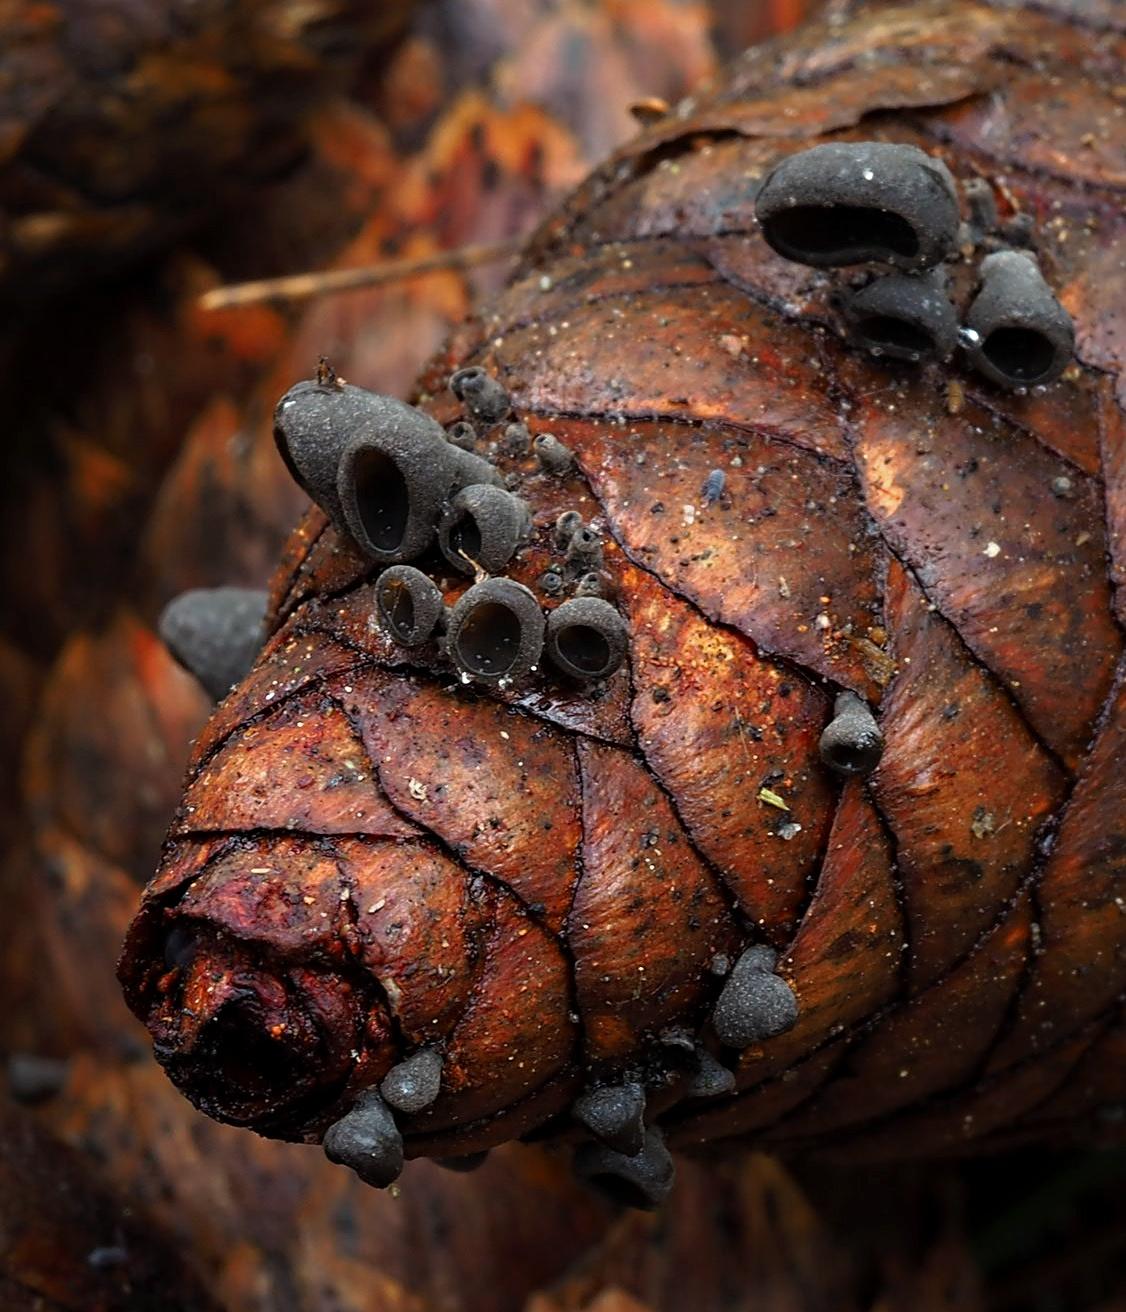 číšovka šišková – Piceomphale bulgarioides - Podorlicko - foto: Pavel Petelík